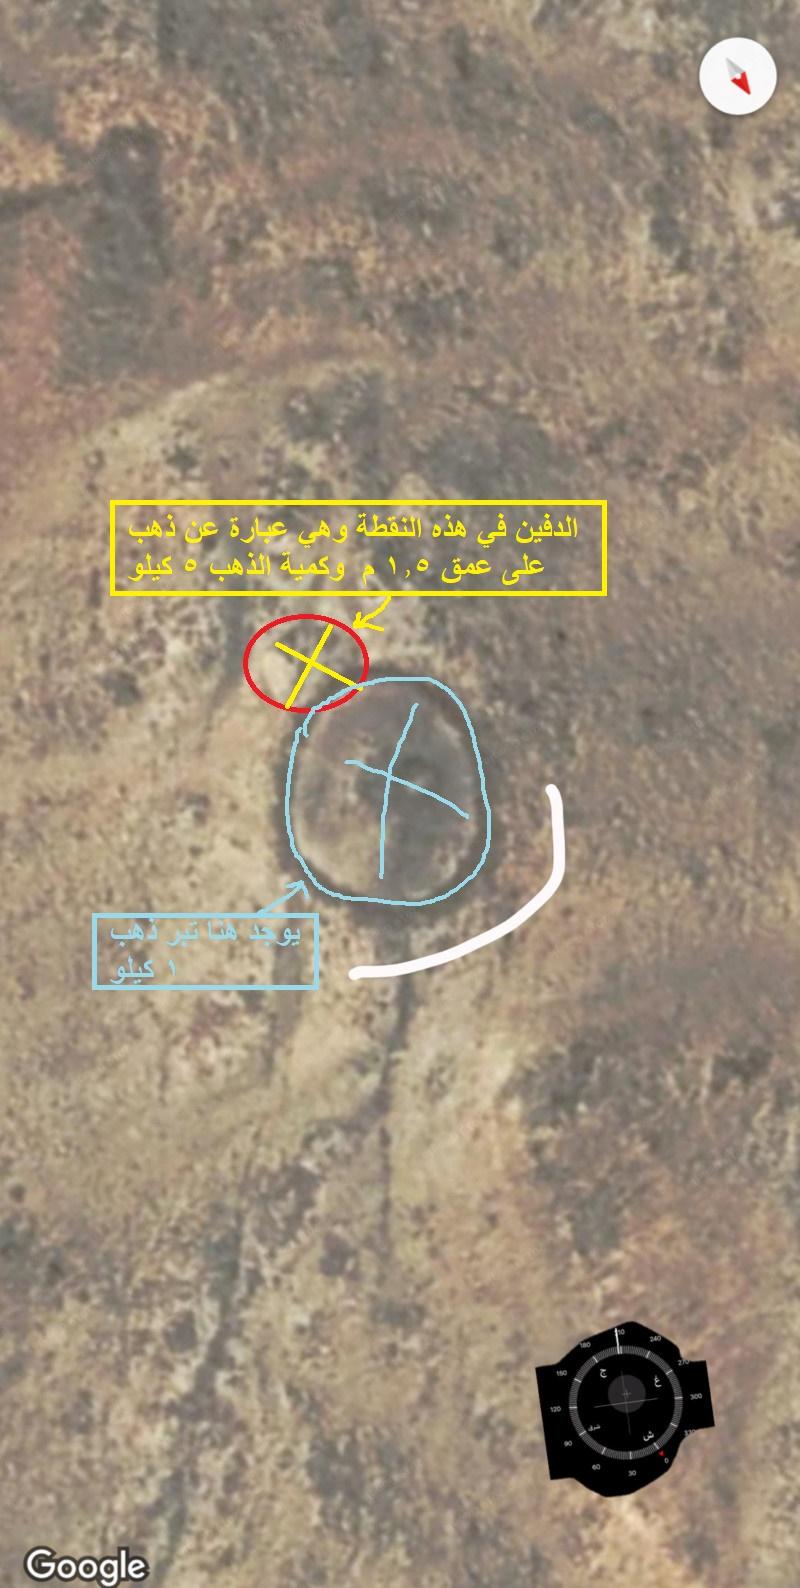 تحديد اماكن الدفائن والكنوز من خلال خرائط قوقل 15684811